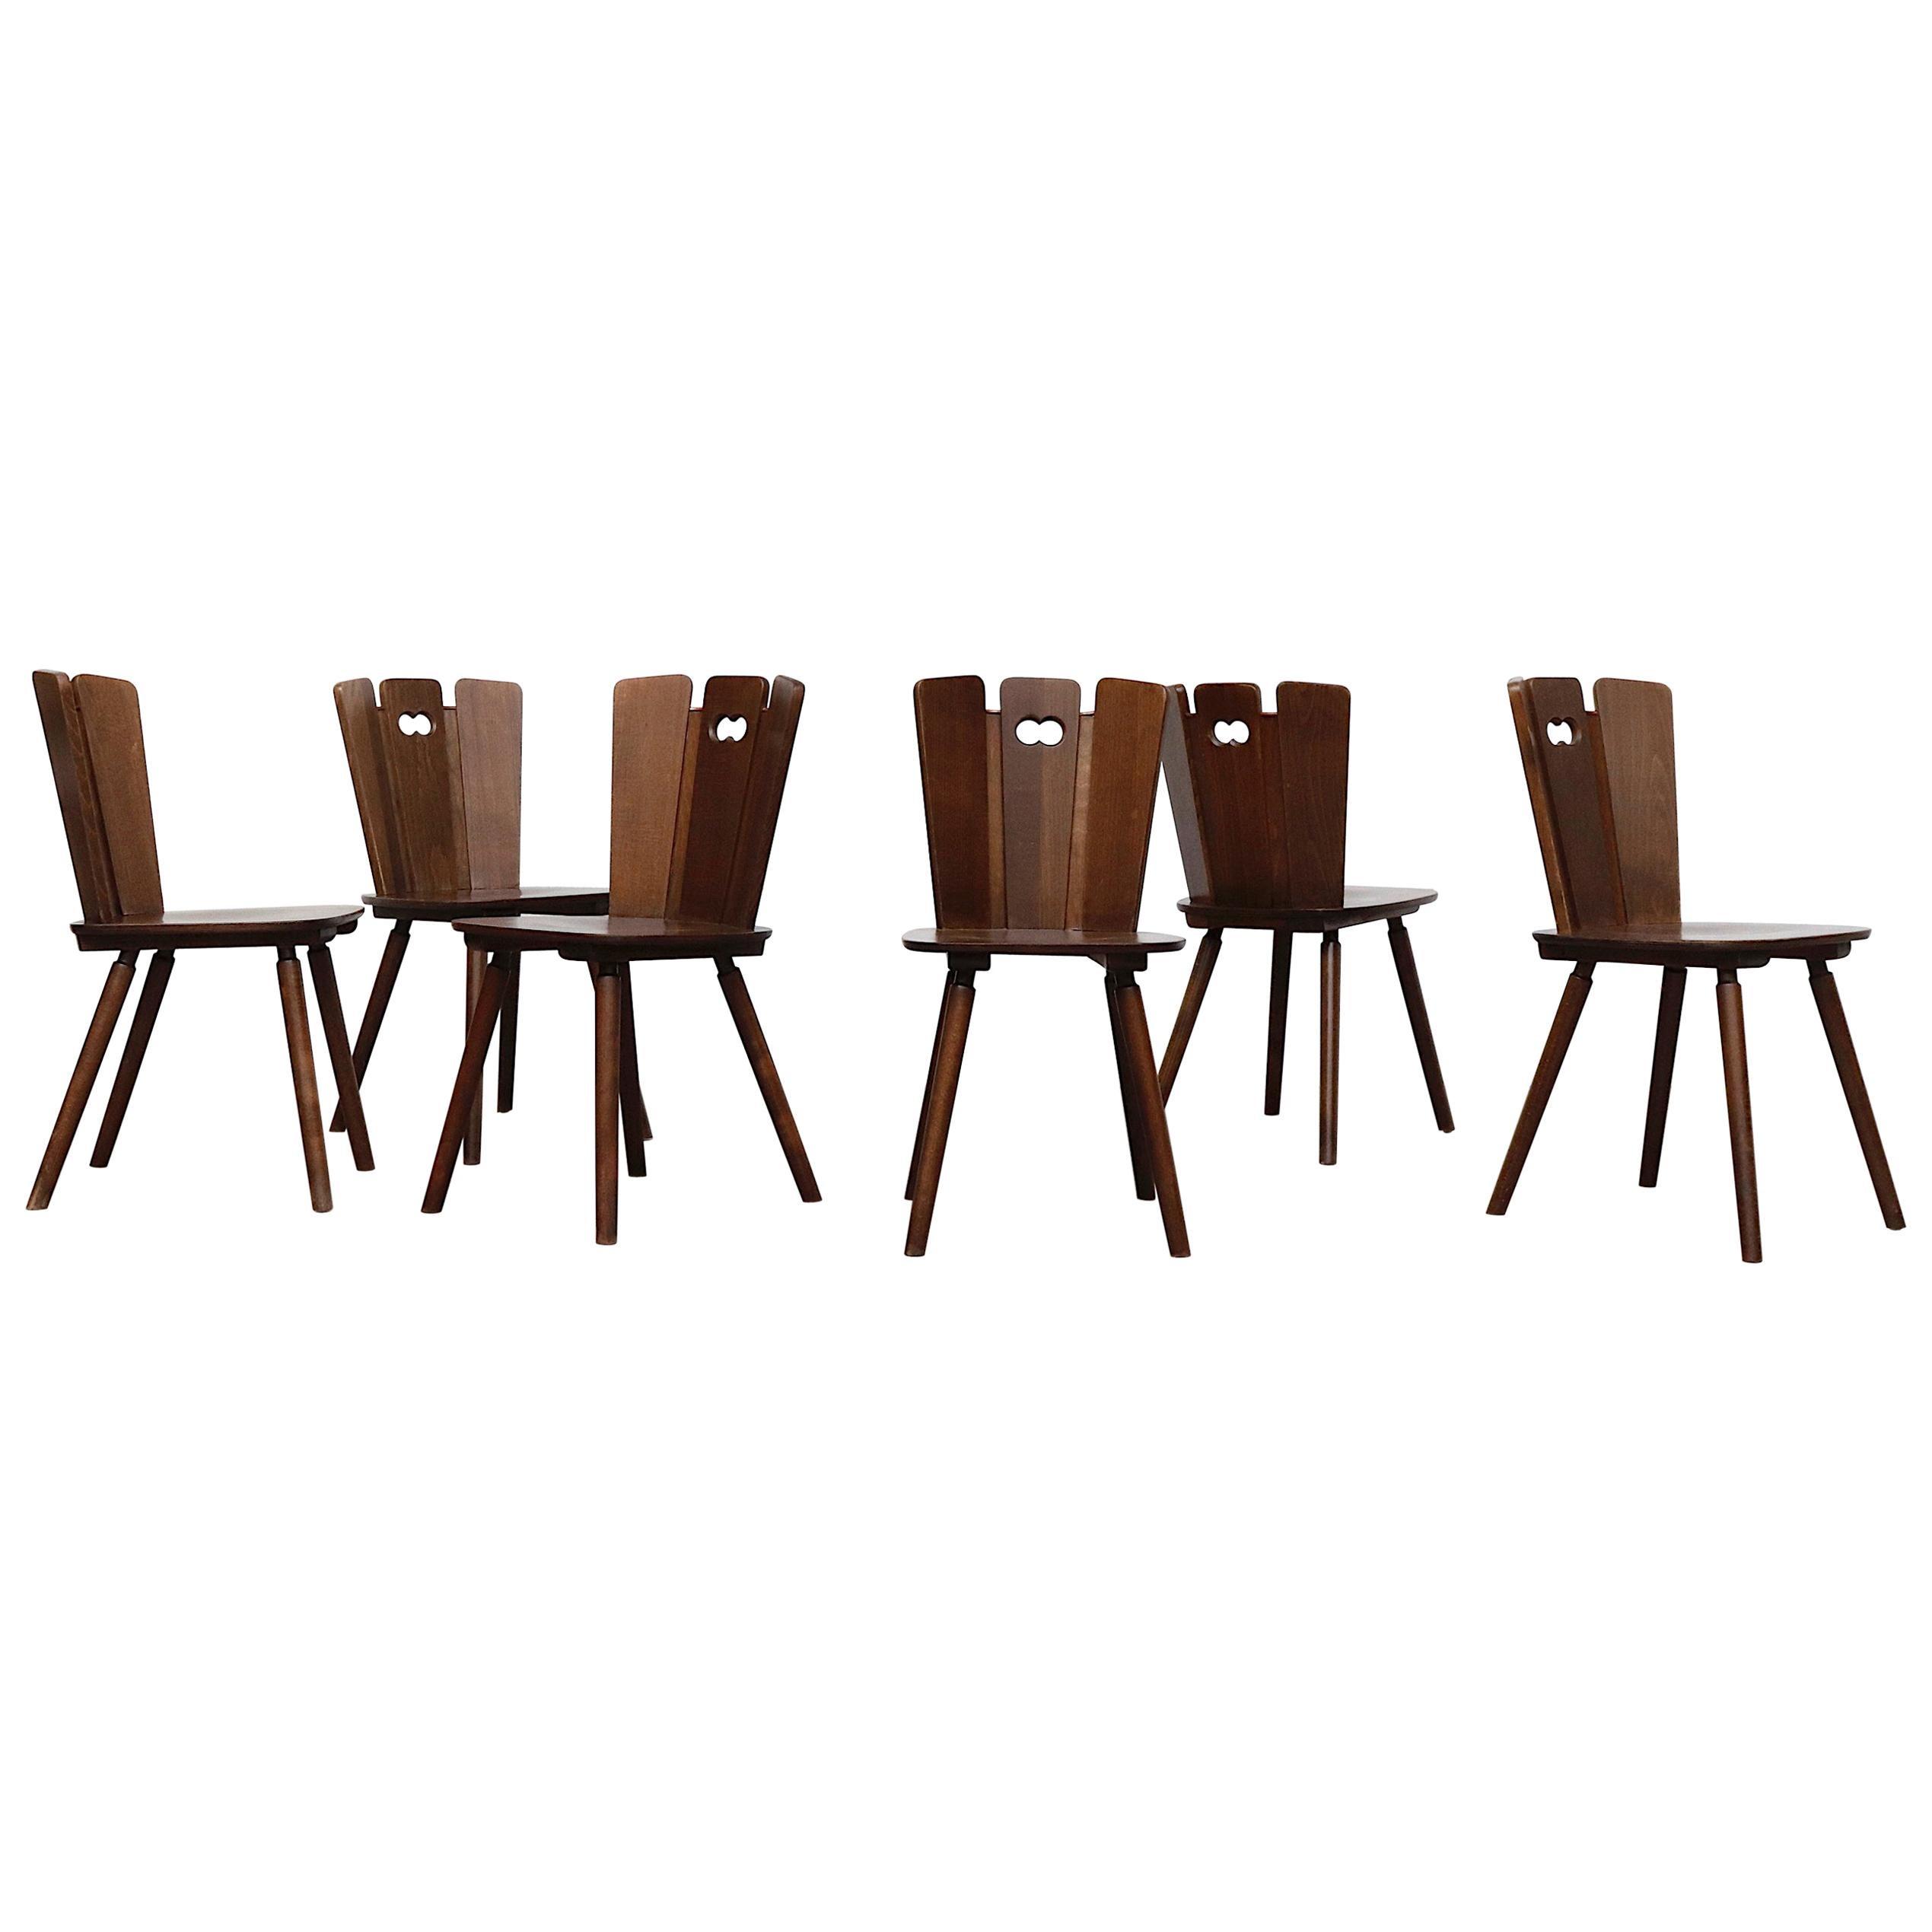 Gilbert Marklund Style Brutalist Dining Chairs